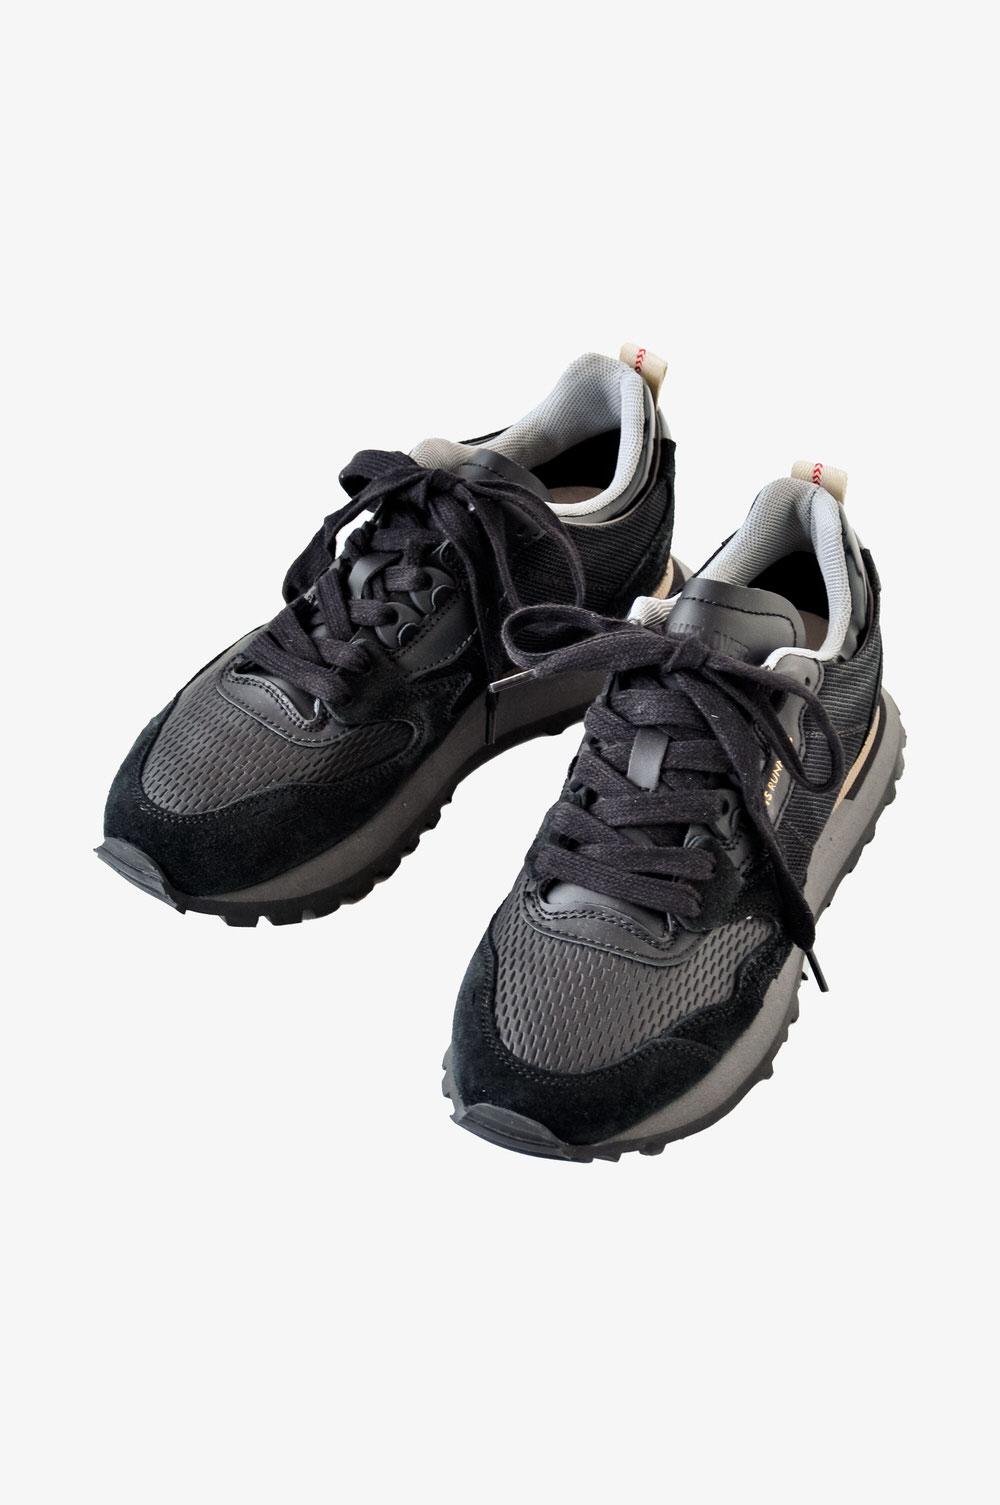 ブラック / Size 36